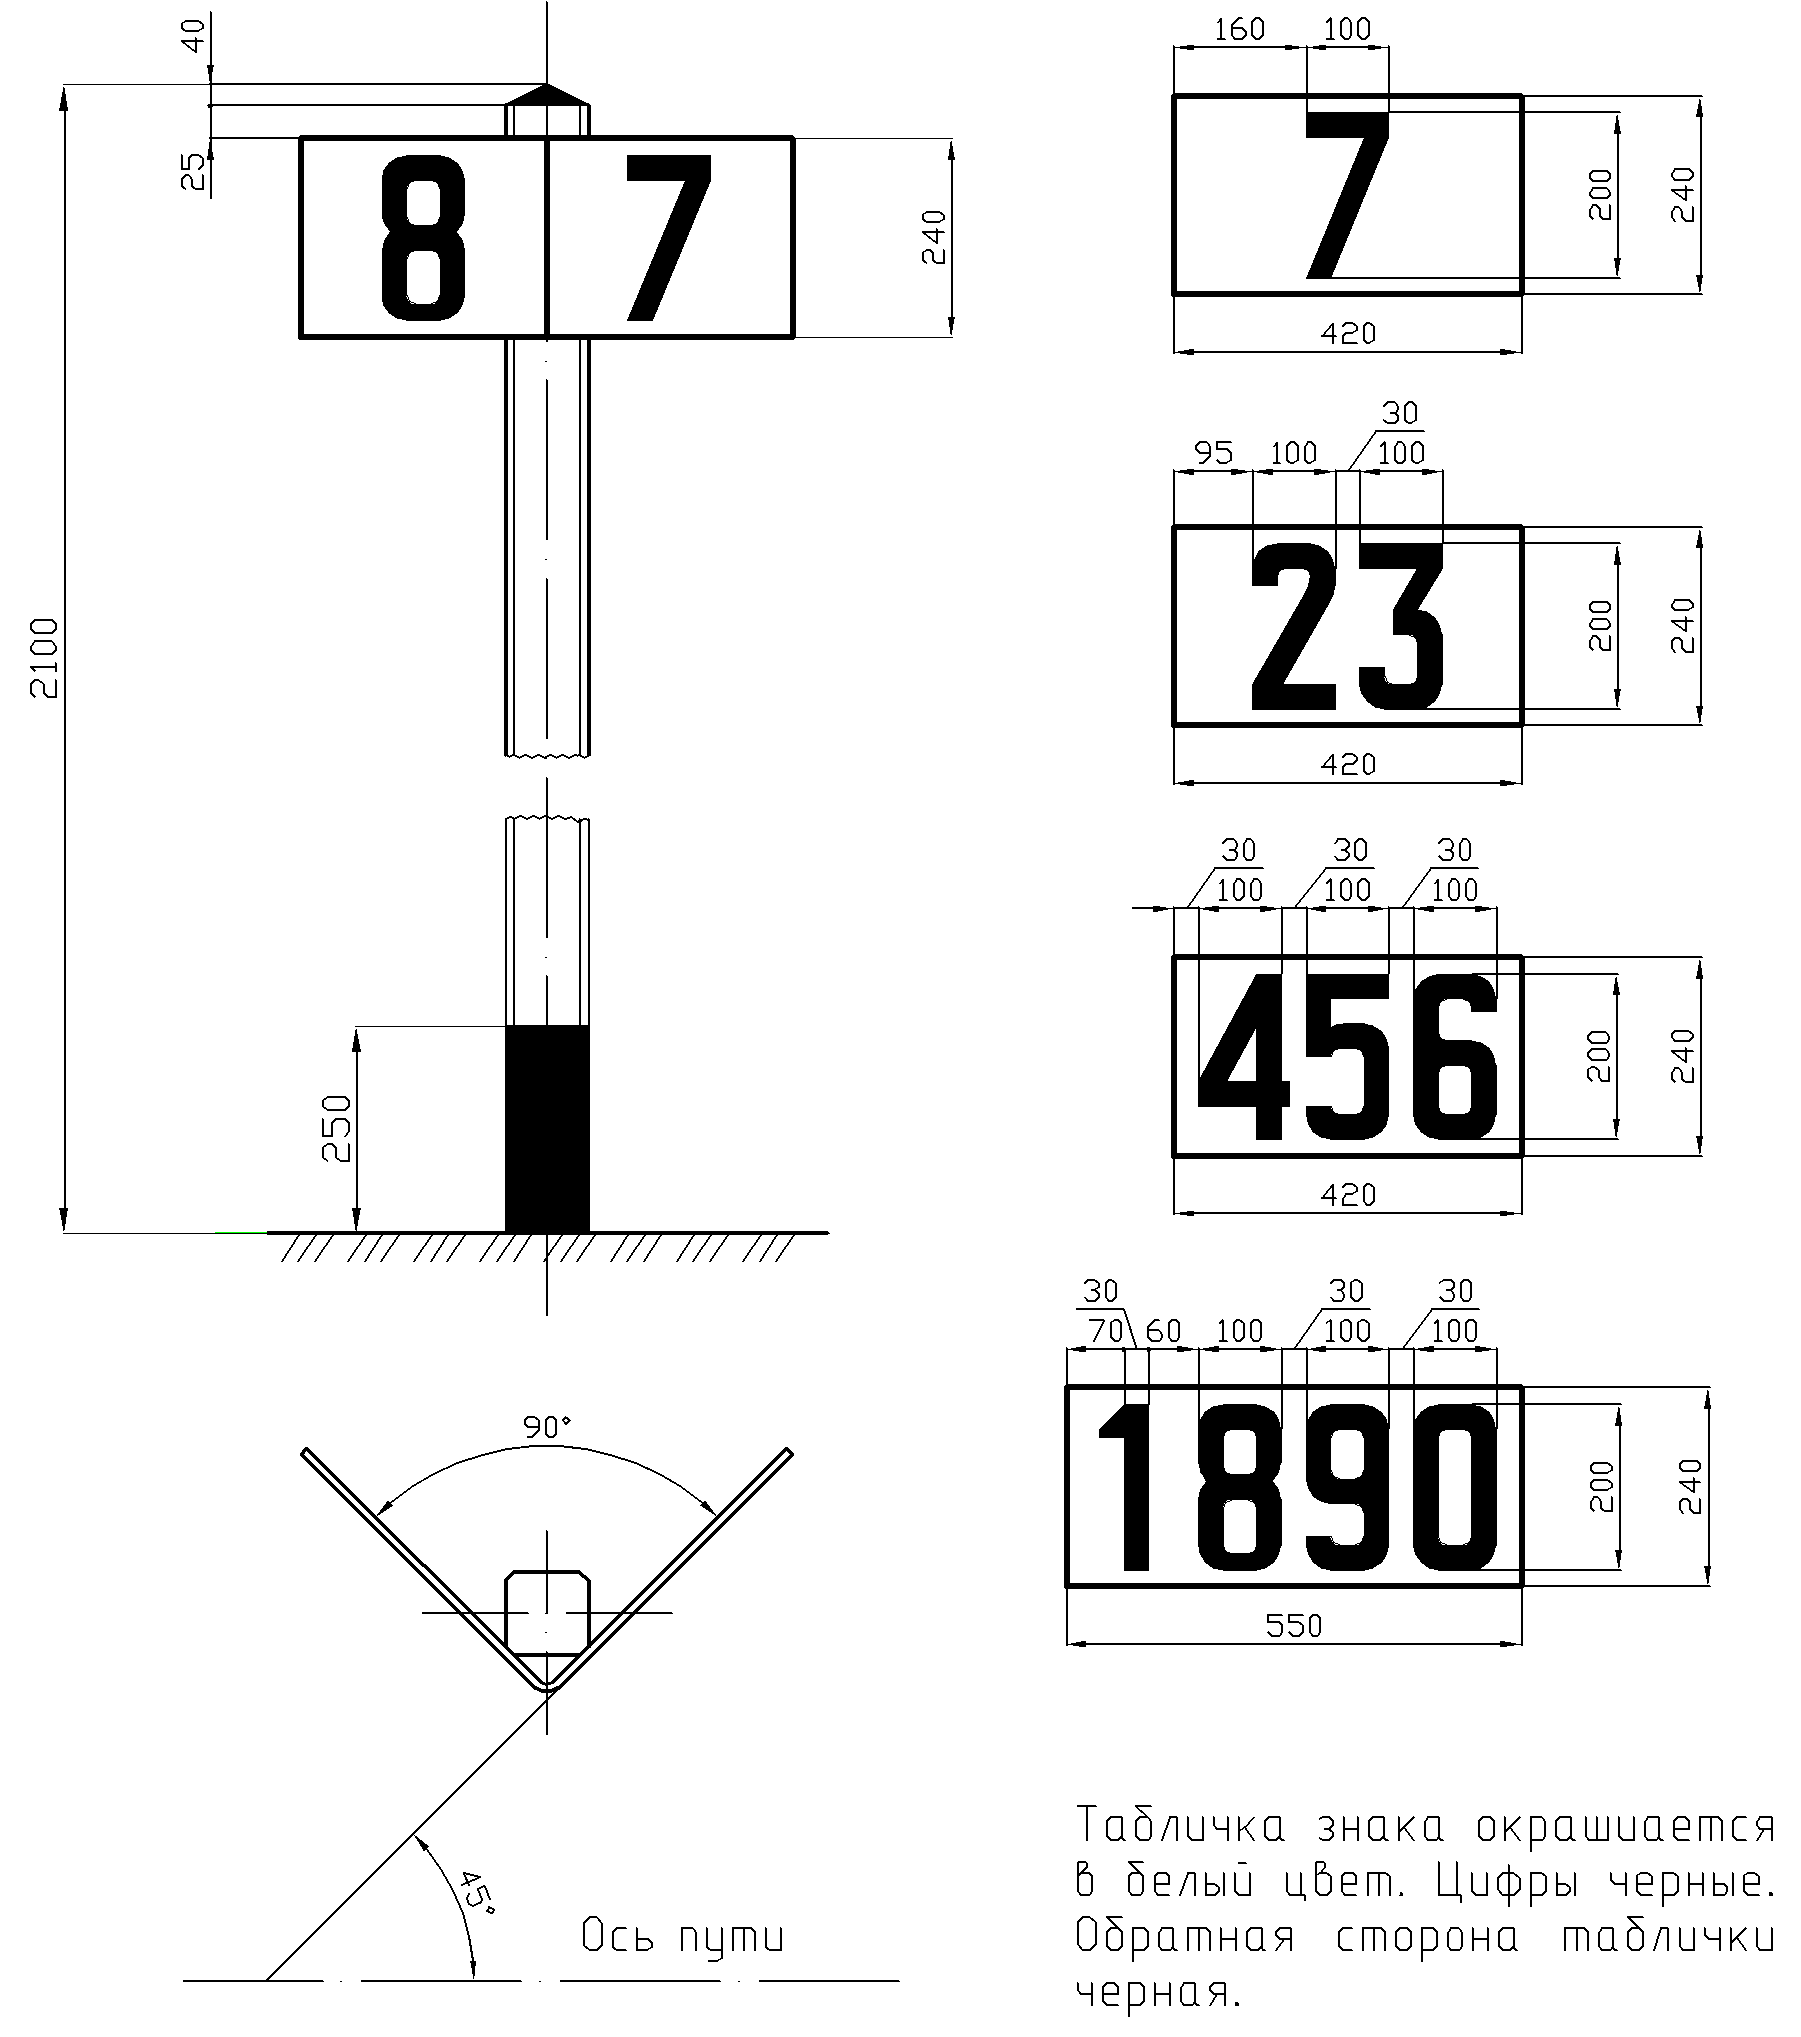 Рисунок 42. Путевой километровый знак (местный)